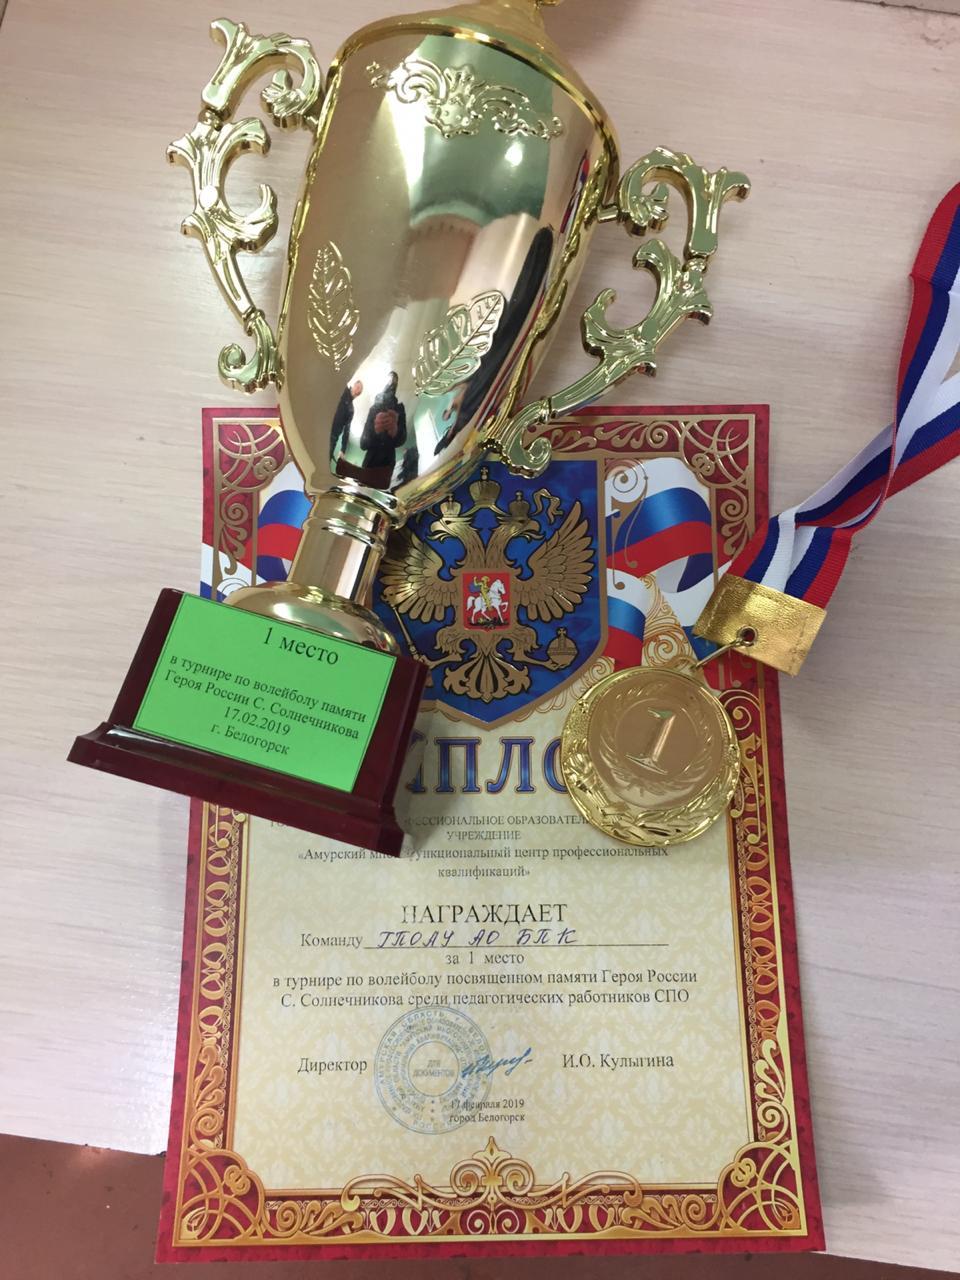 Преподаватели заняли 1 место в турнире по волейболу